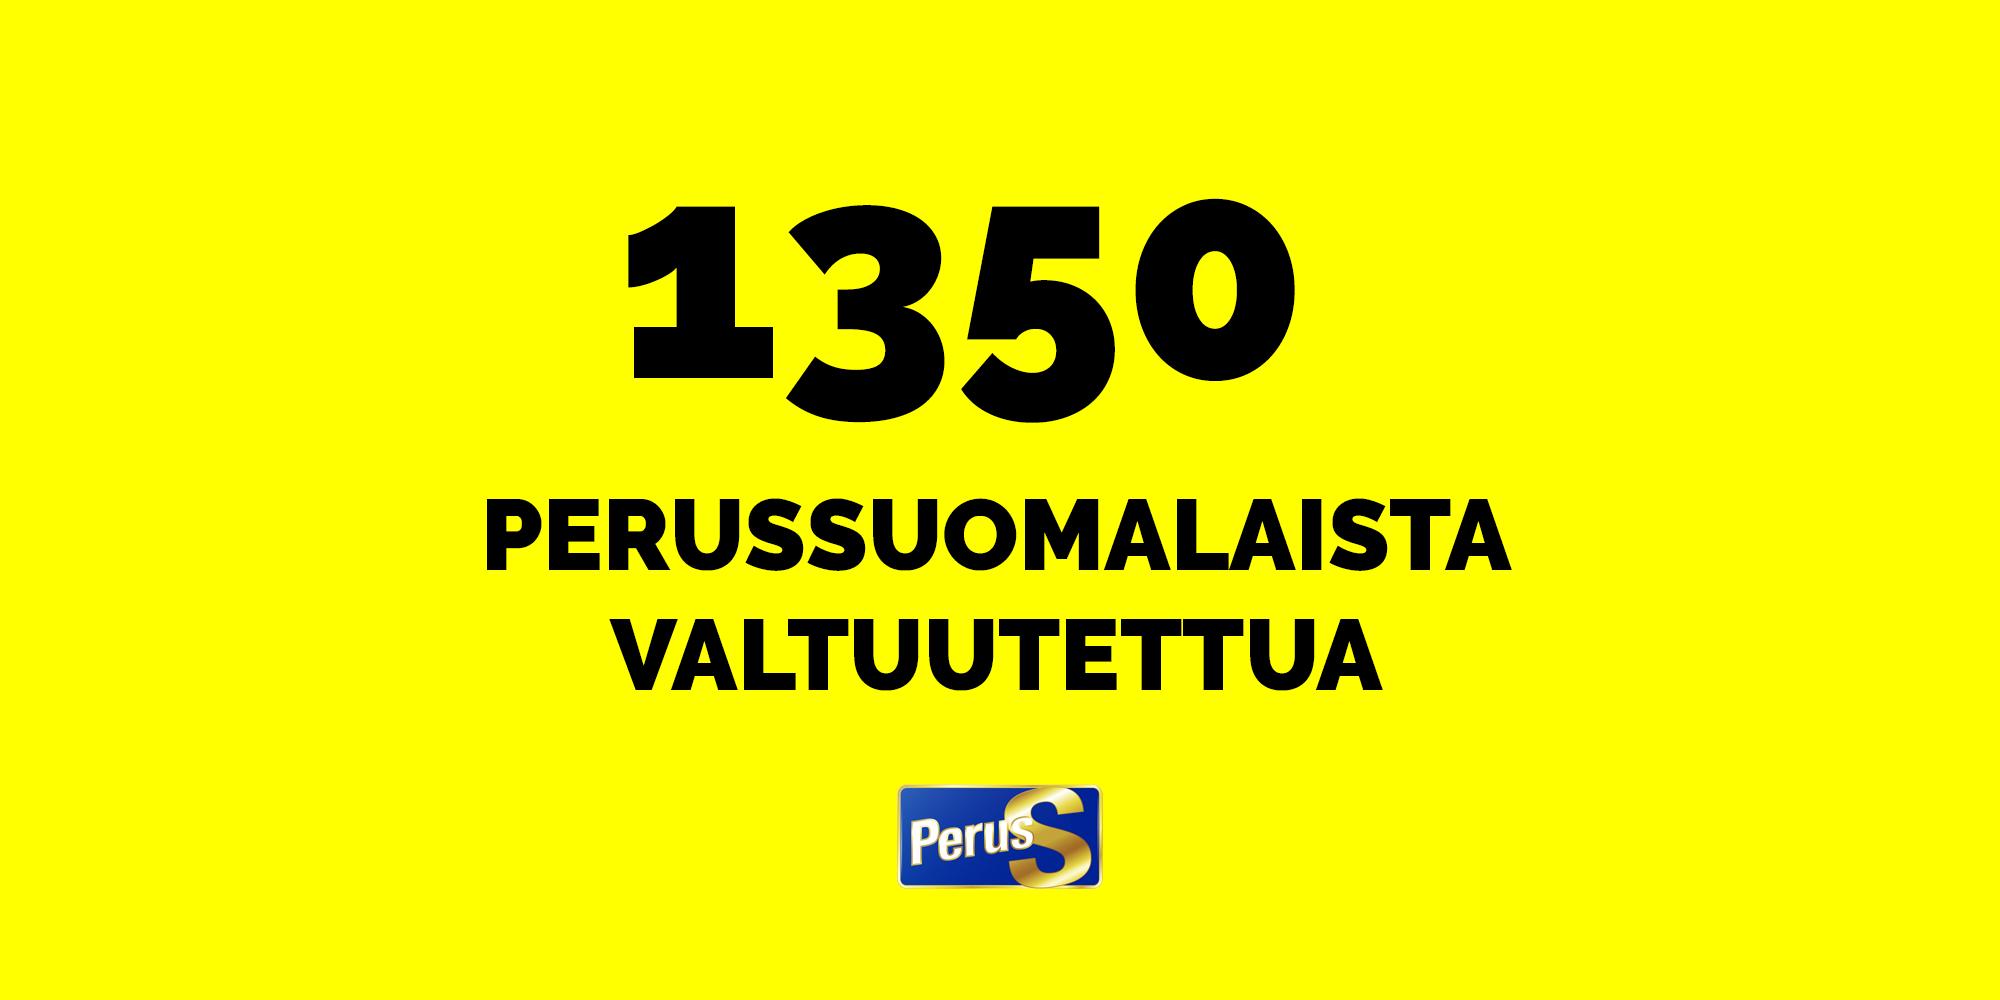 1350 perussuomalaista valtuutettua – tässä he ovat